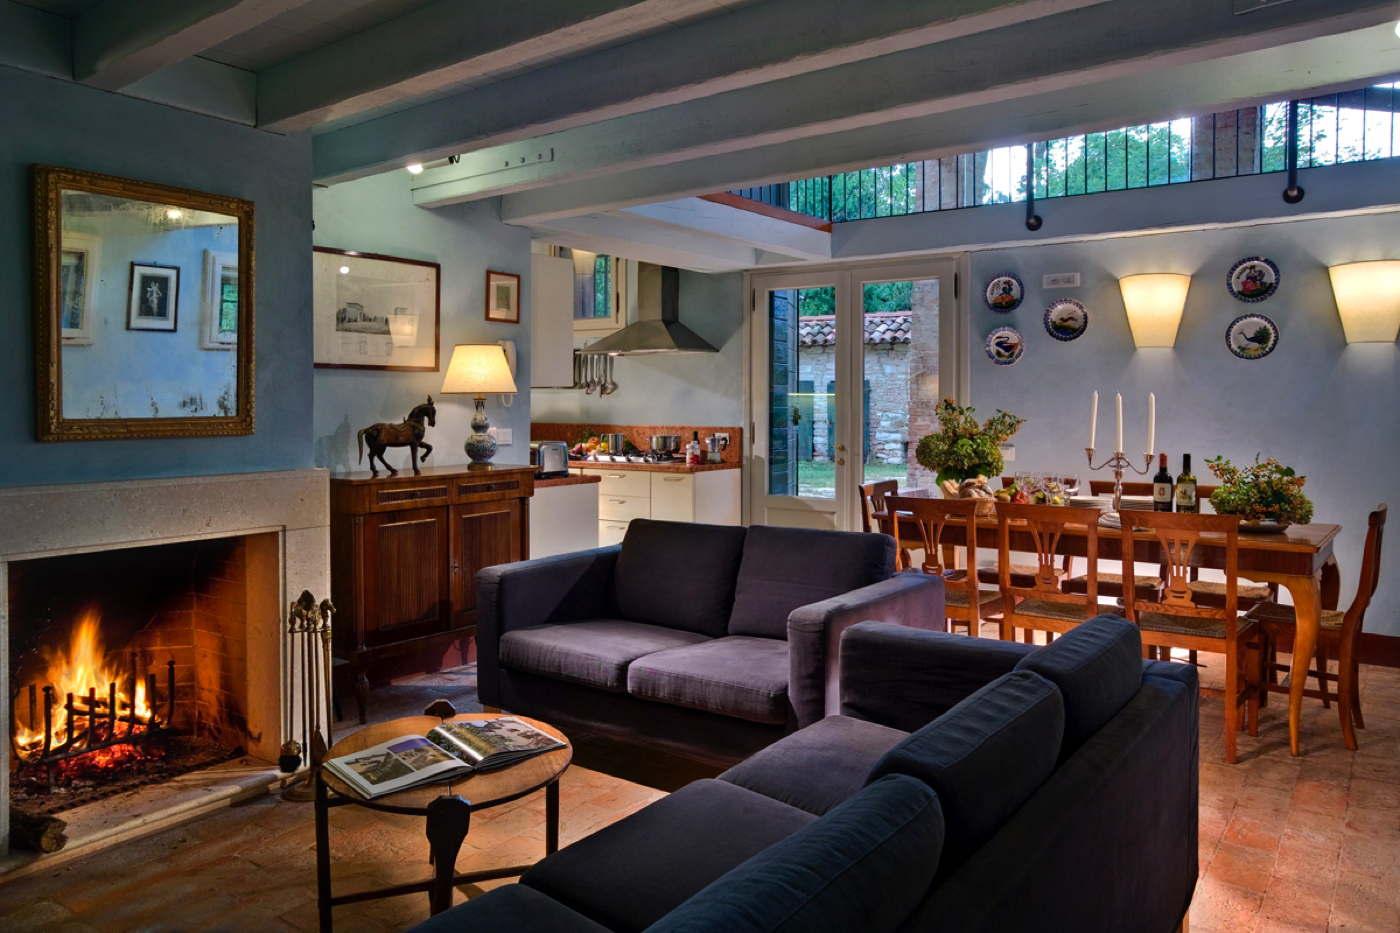 Landhaus in Italien-Ferienhaus mieten-Villa mieten Italien-Venetien-Padua